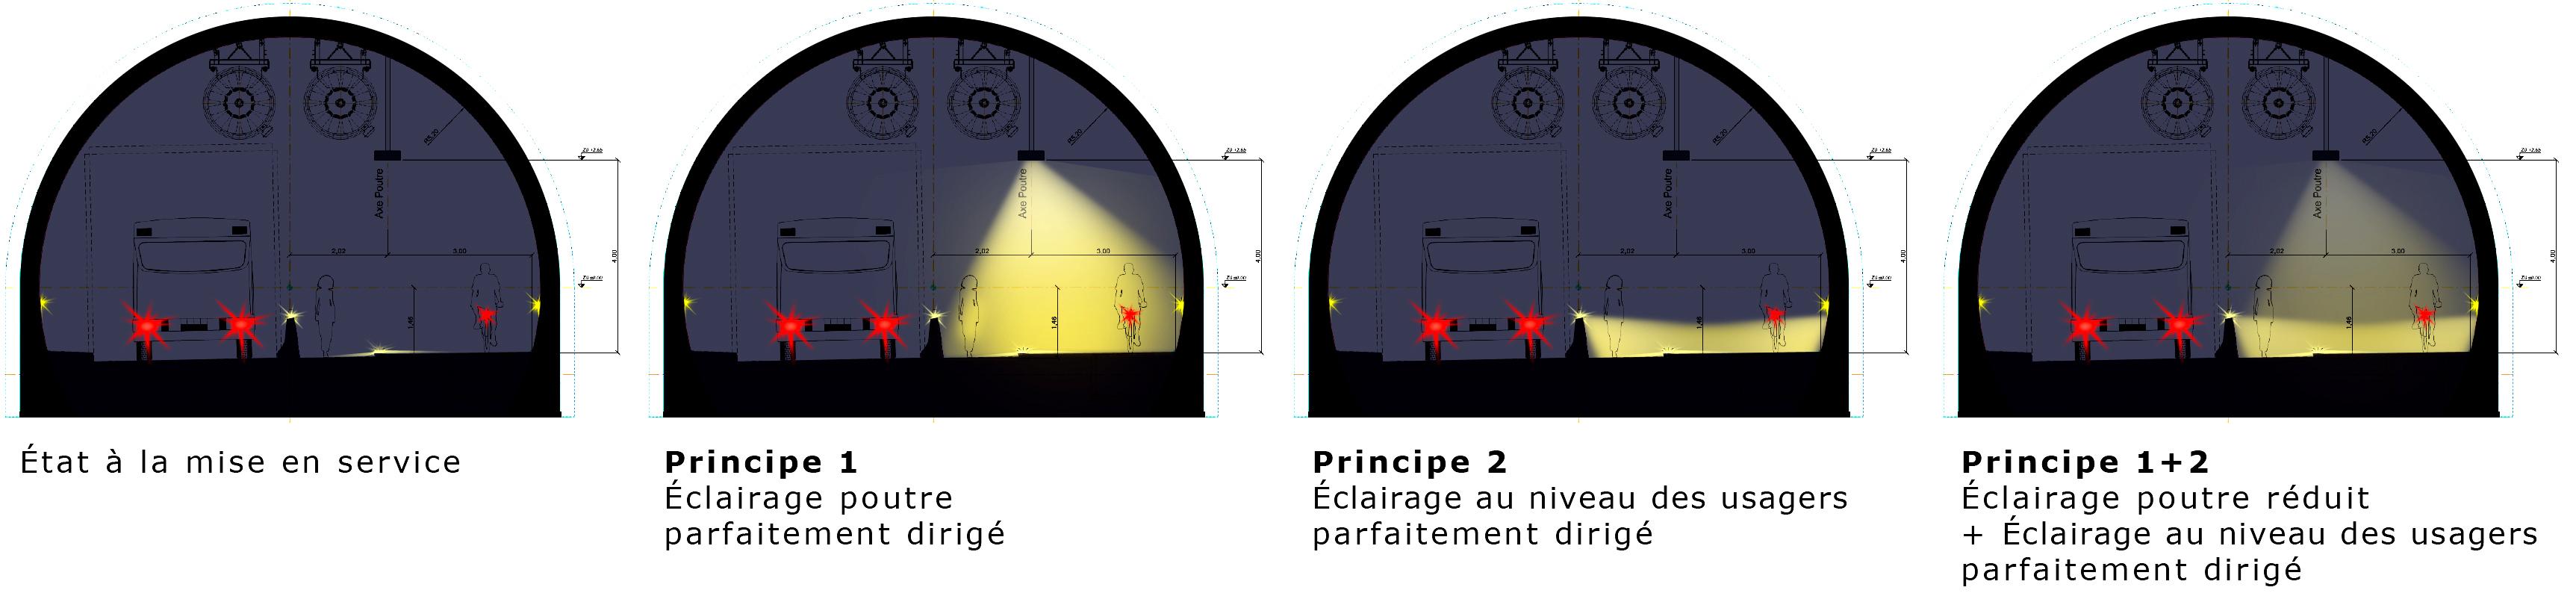 tunnel-croix-rousse-lyon-proposition-concept_lumiere